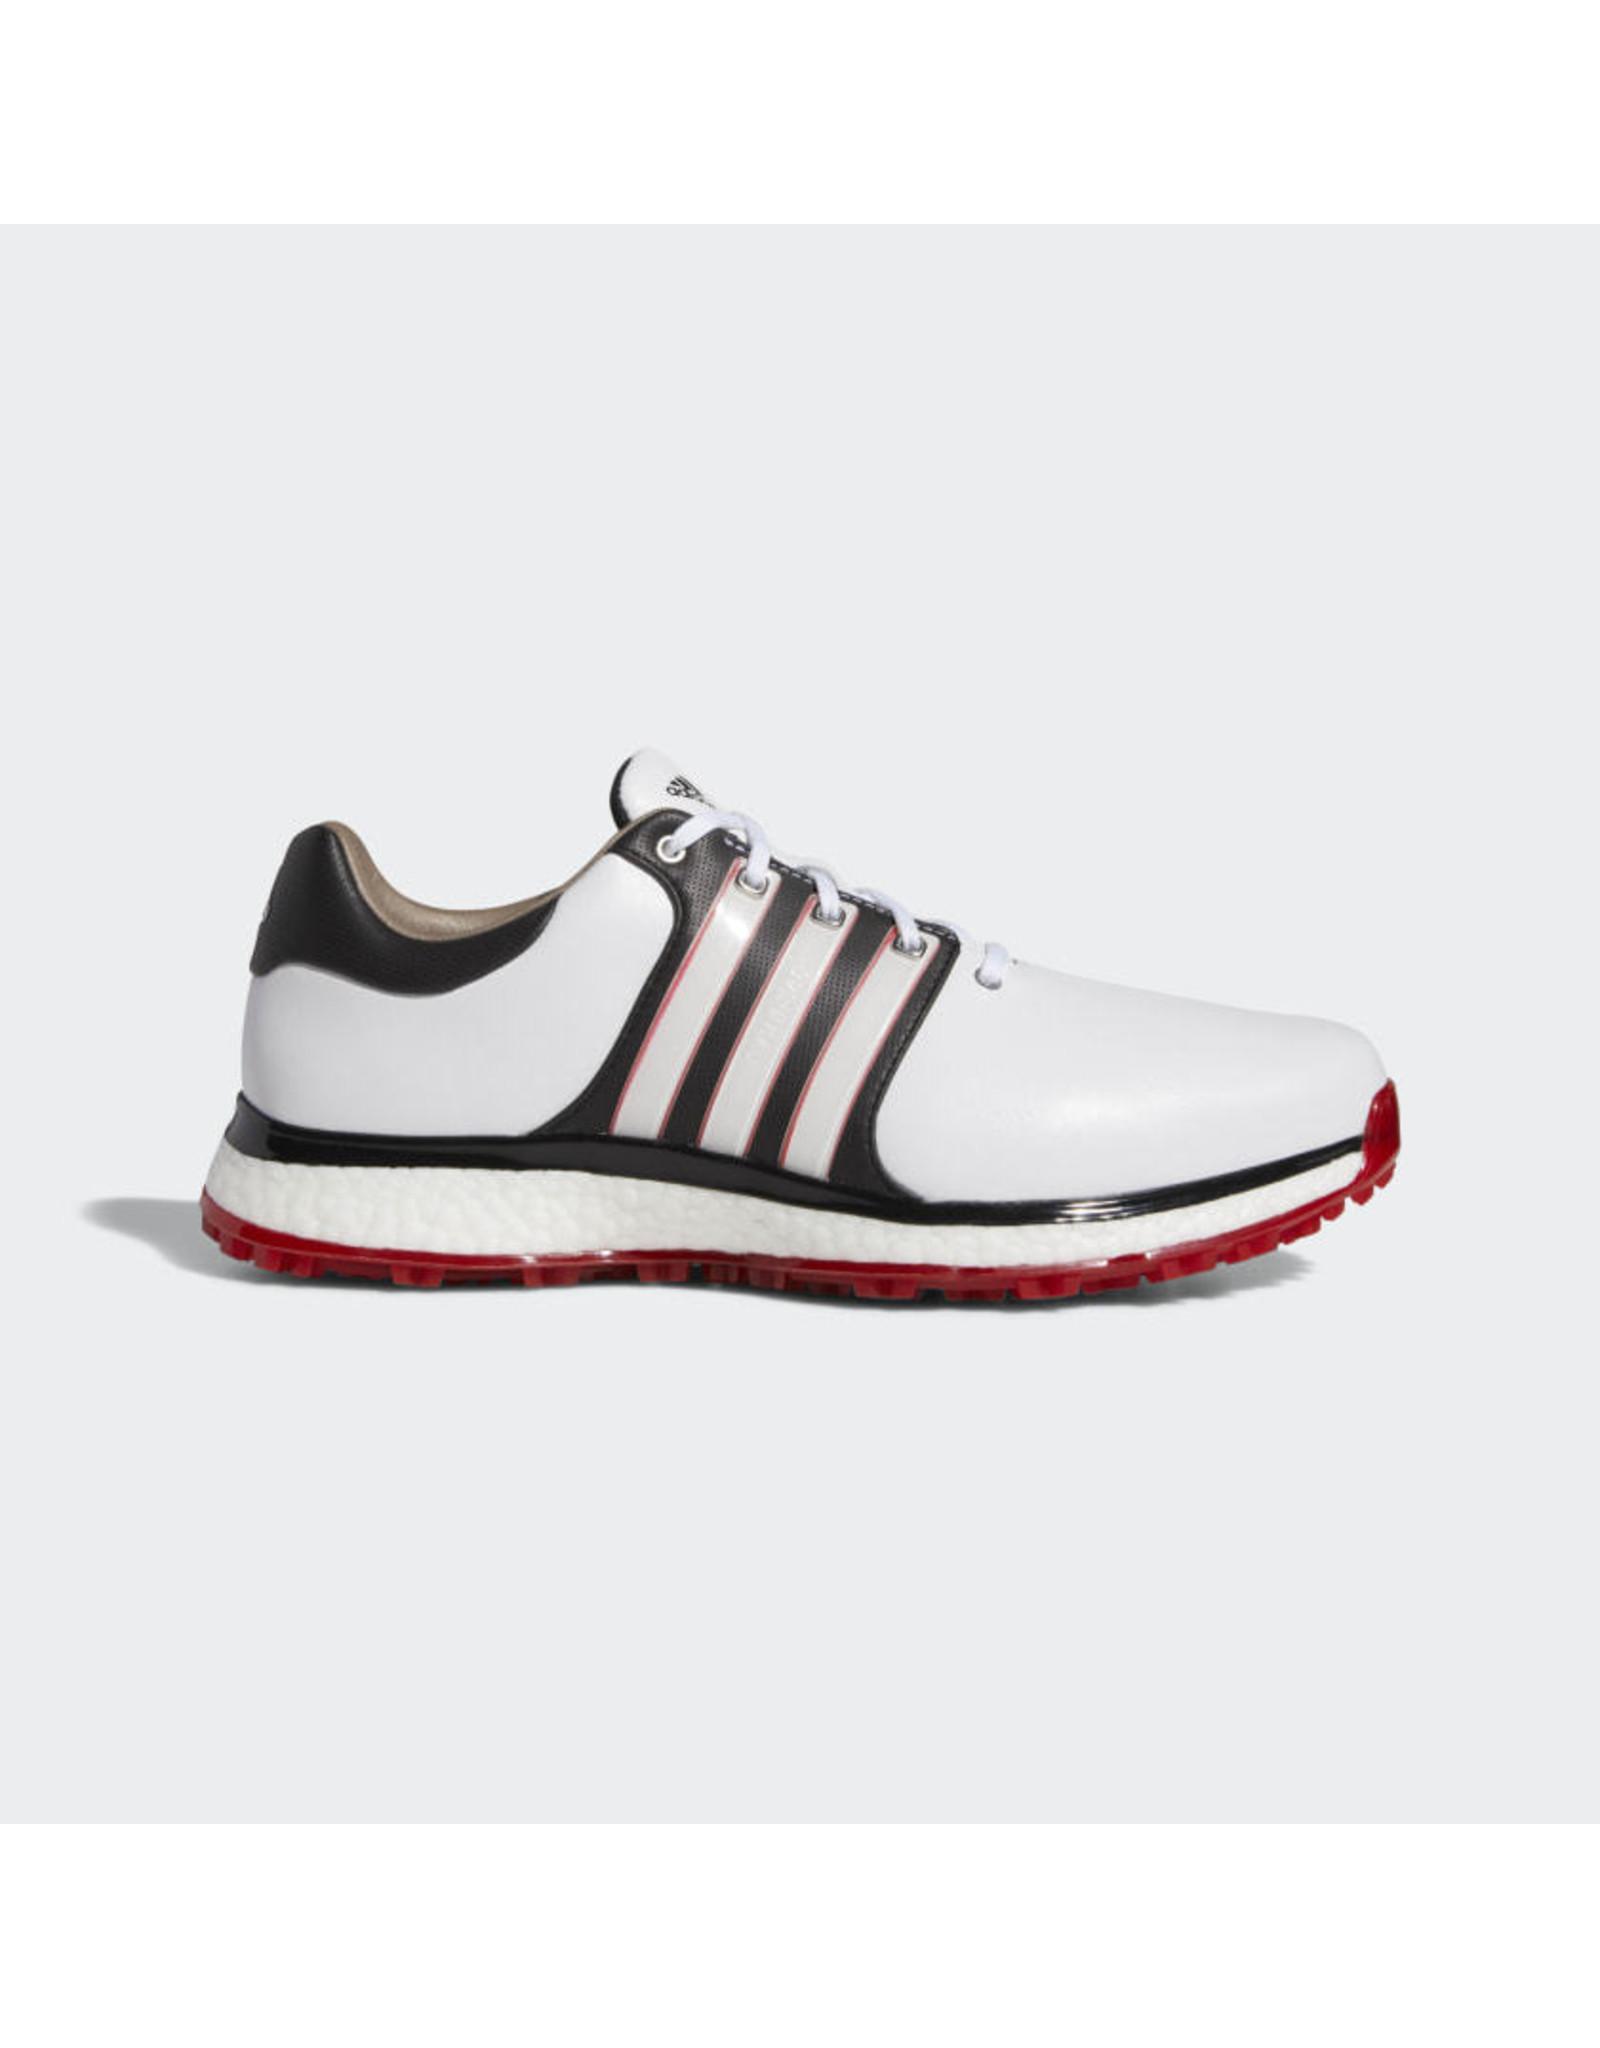 Adidas Adidas TOUR360 XT-SL White/Red